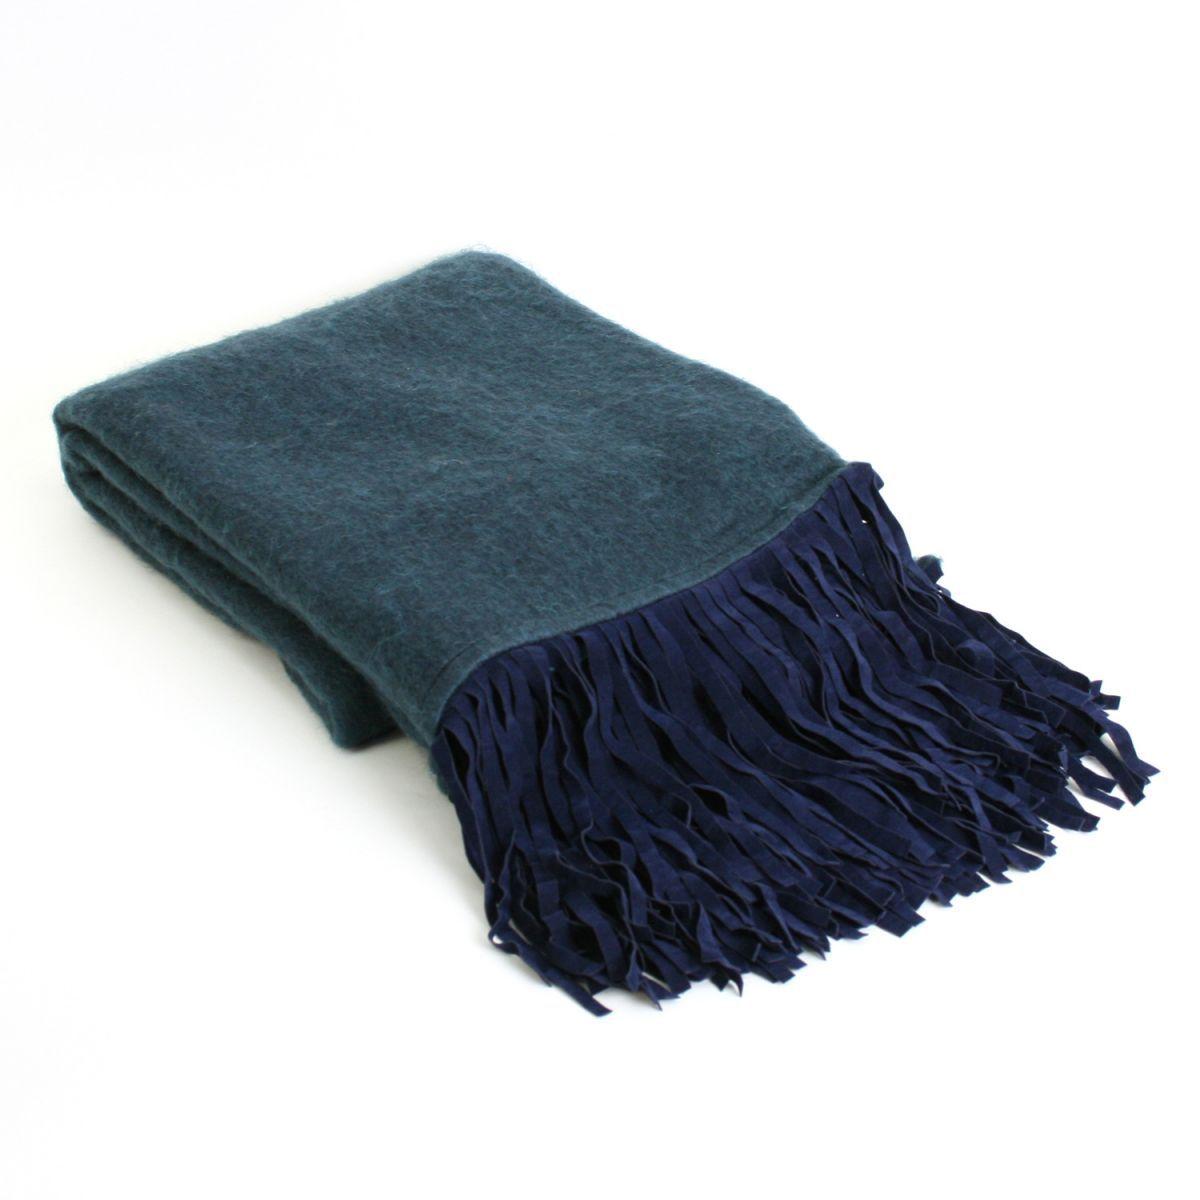 deken donkerblauw met suedine franjes 130x170cm